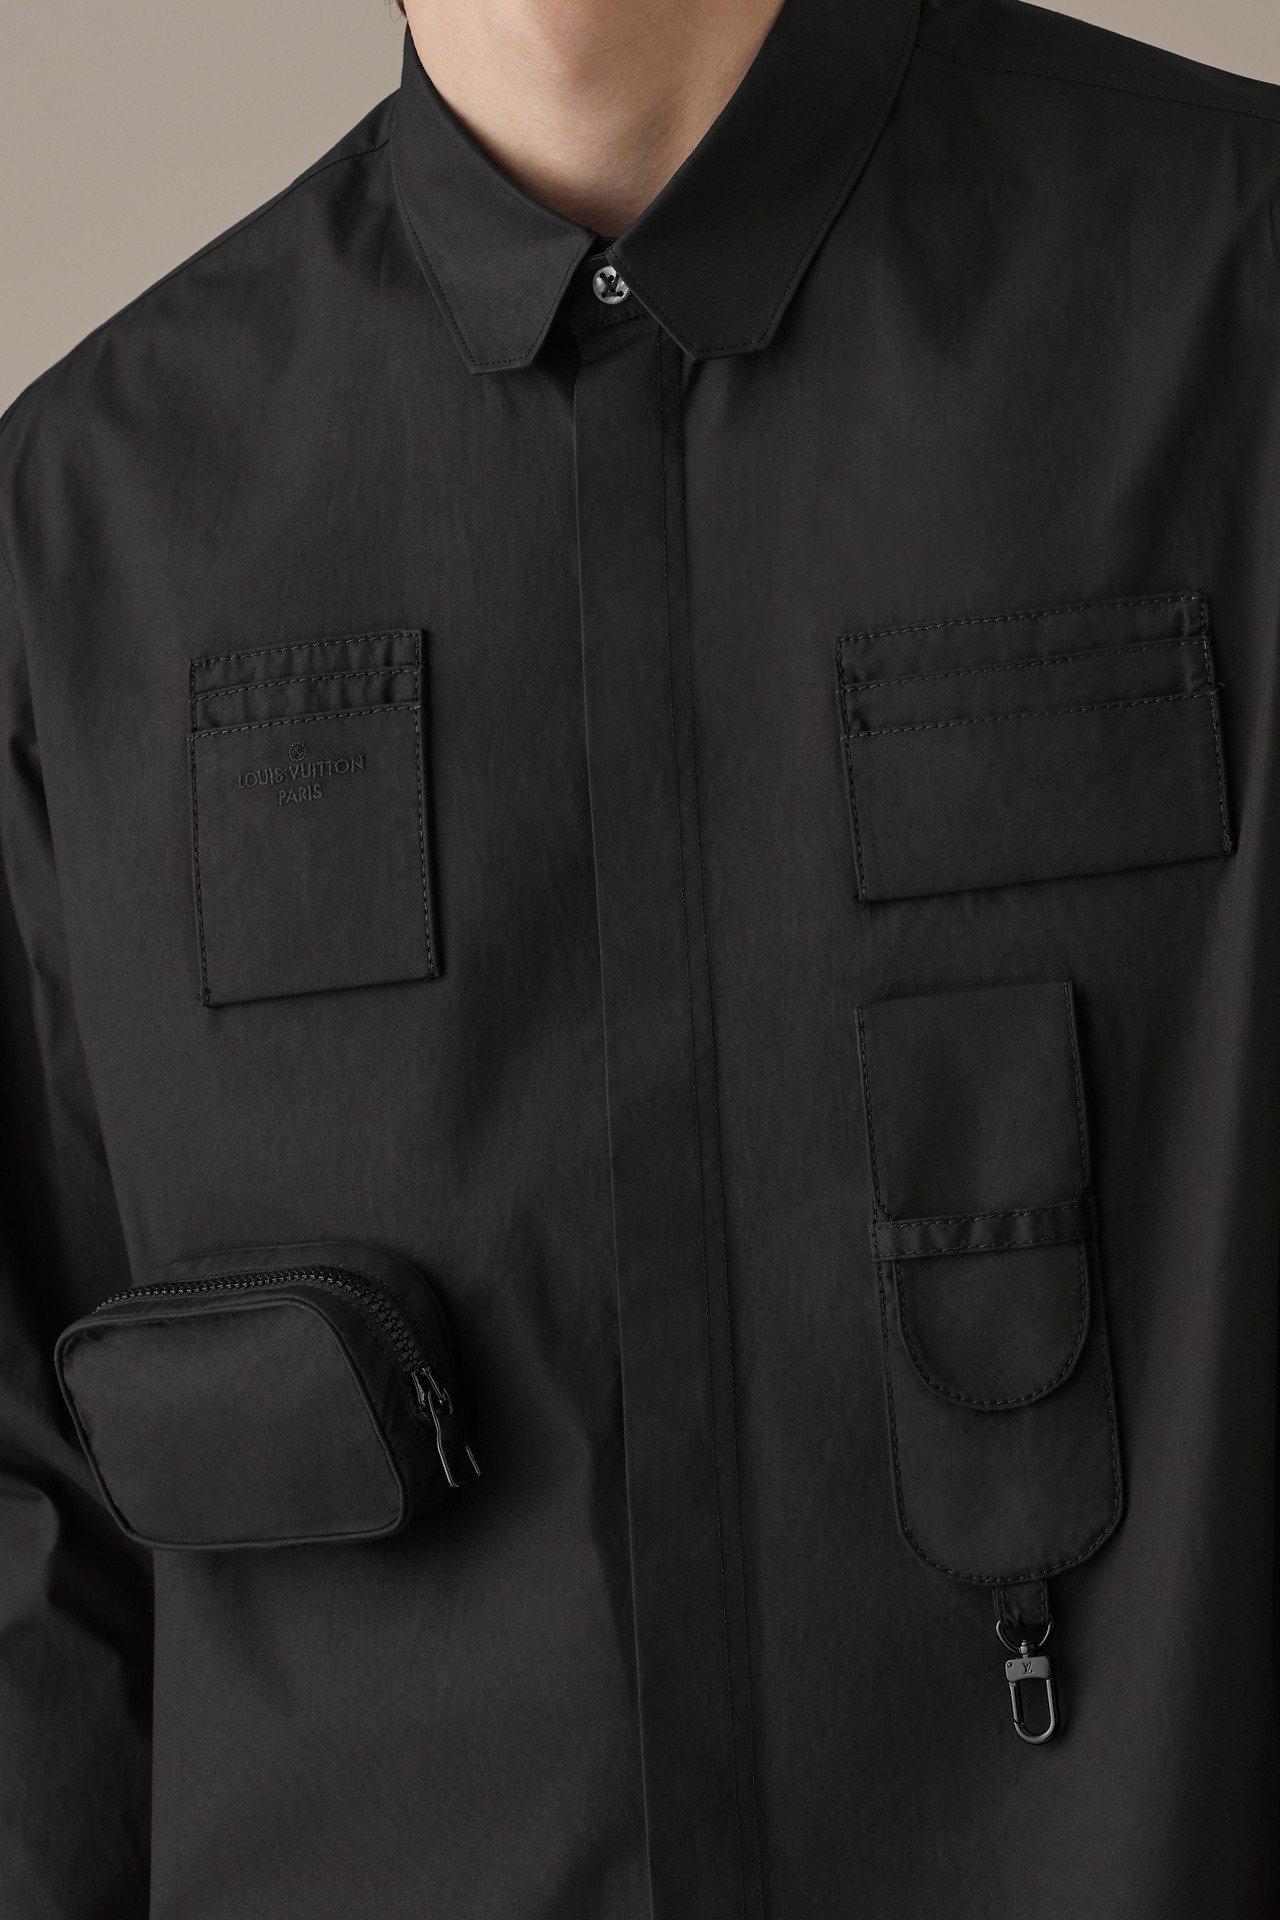 延續春夏季的口袋與服裝結合元素,讓Staples系列有著幽微的季節感。圖/LV提...